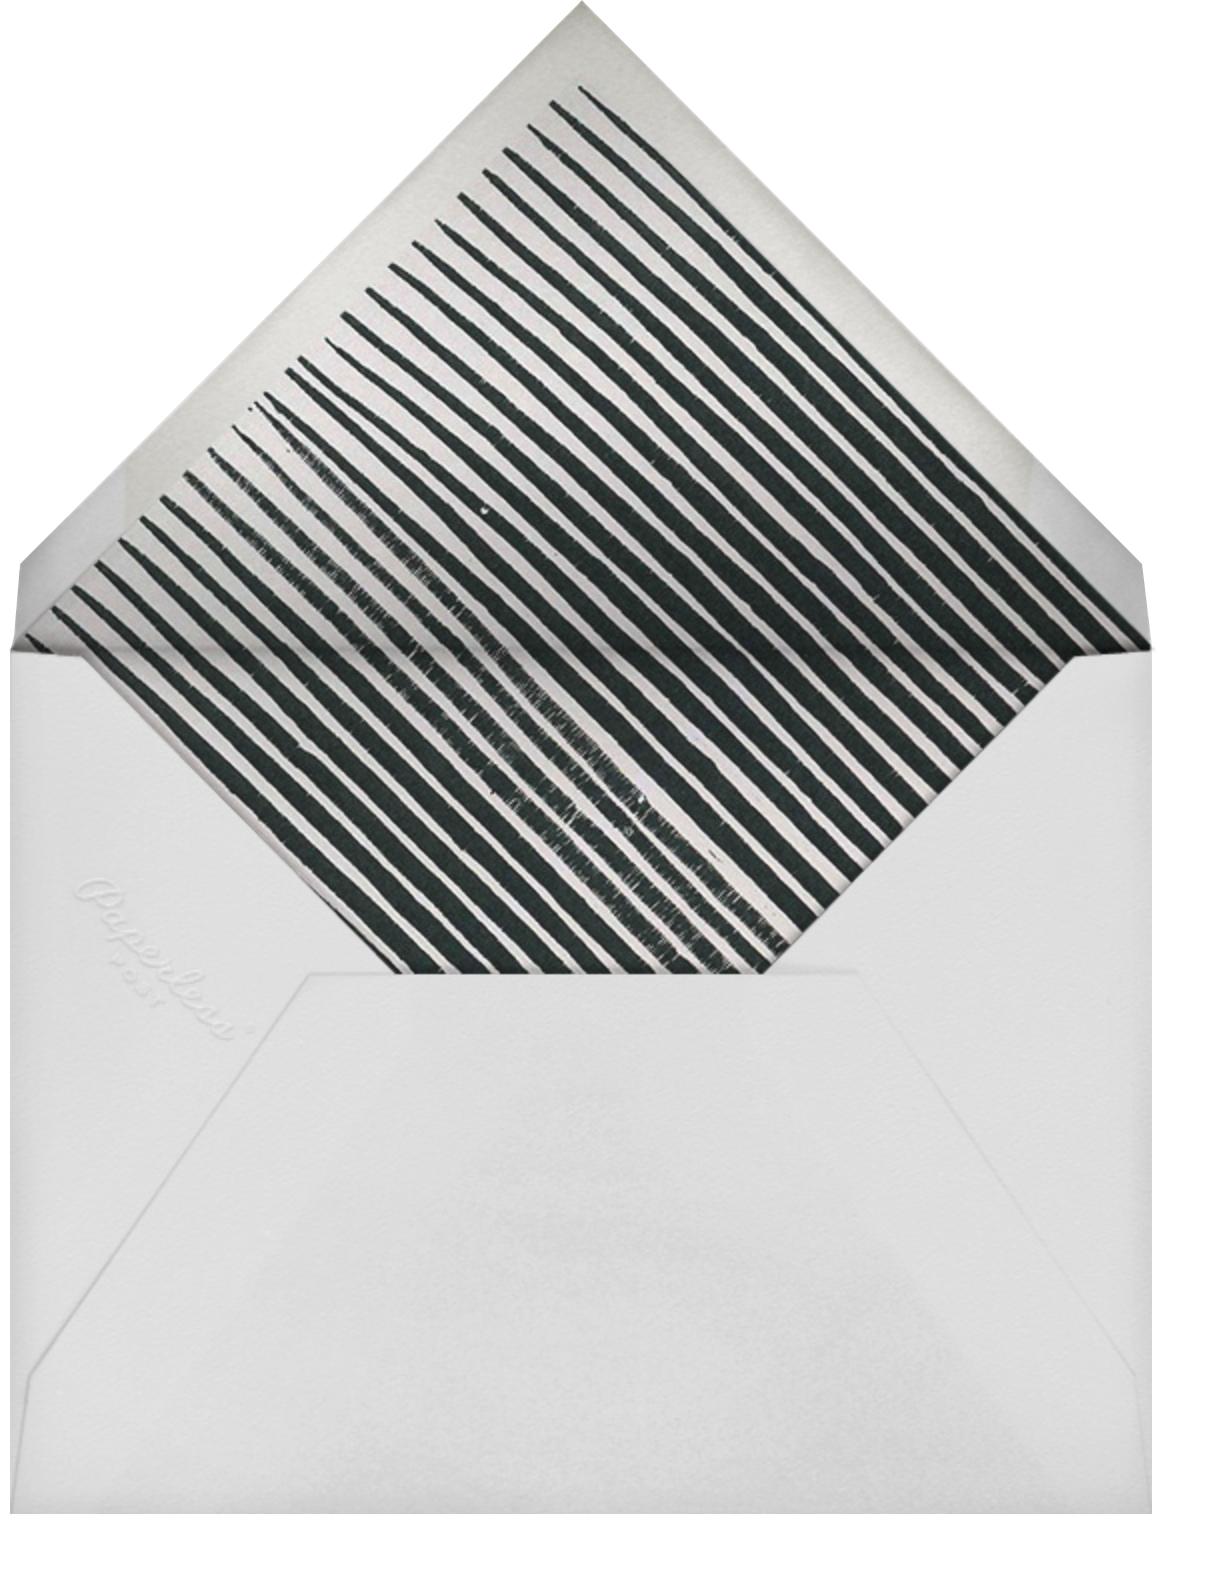 Fette (Photo) - Silver/White - Kelly Wearstler - Adult birthday - envelope back